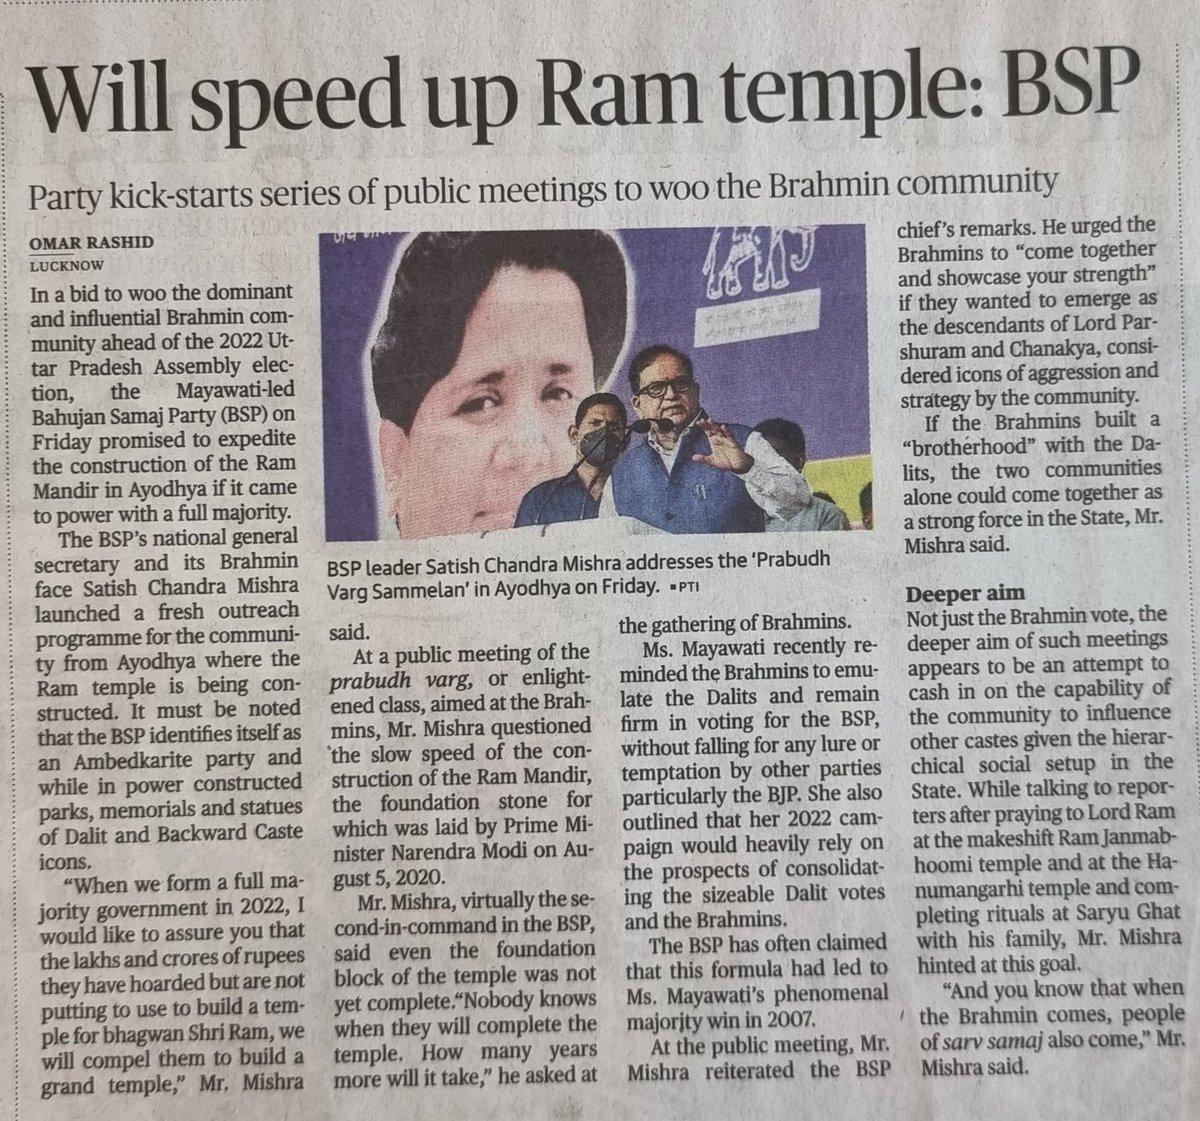 आंबेडकरवादी पार्टी का हाल देखिए . क्या से क्या हो गए देखते देखते ... सत्ता में आने का मौका मिला तो BJP और VHP से भी ज्यादा तेजी से अयोध्या में मंदिर बनवाएंगे BSP के मिश्रा जी . https://t.co/mHCu3axeeH